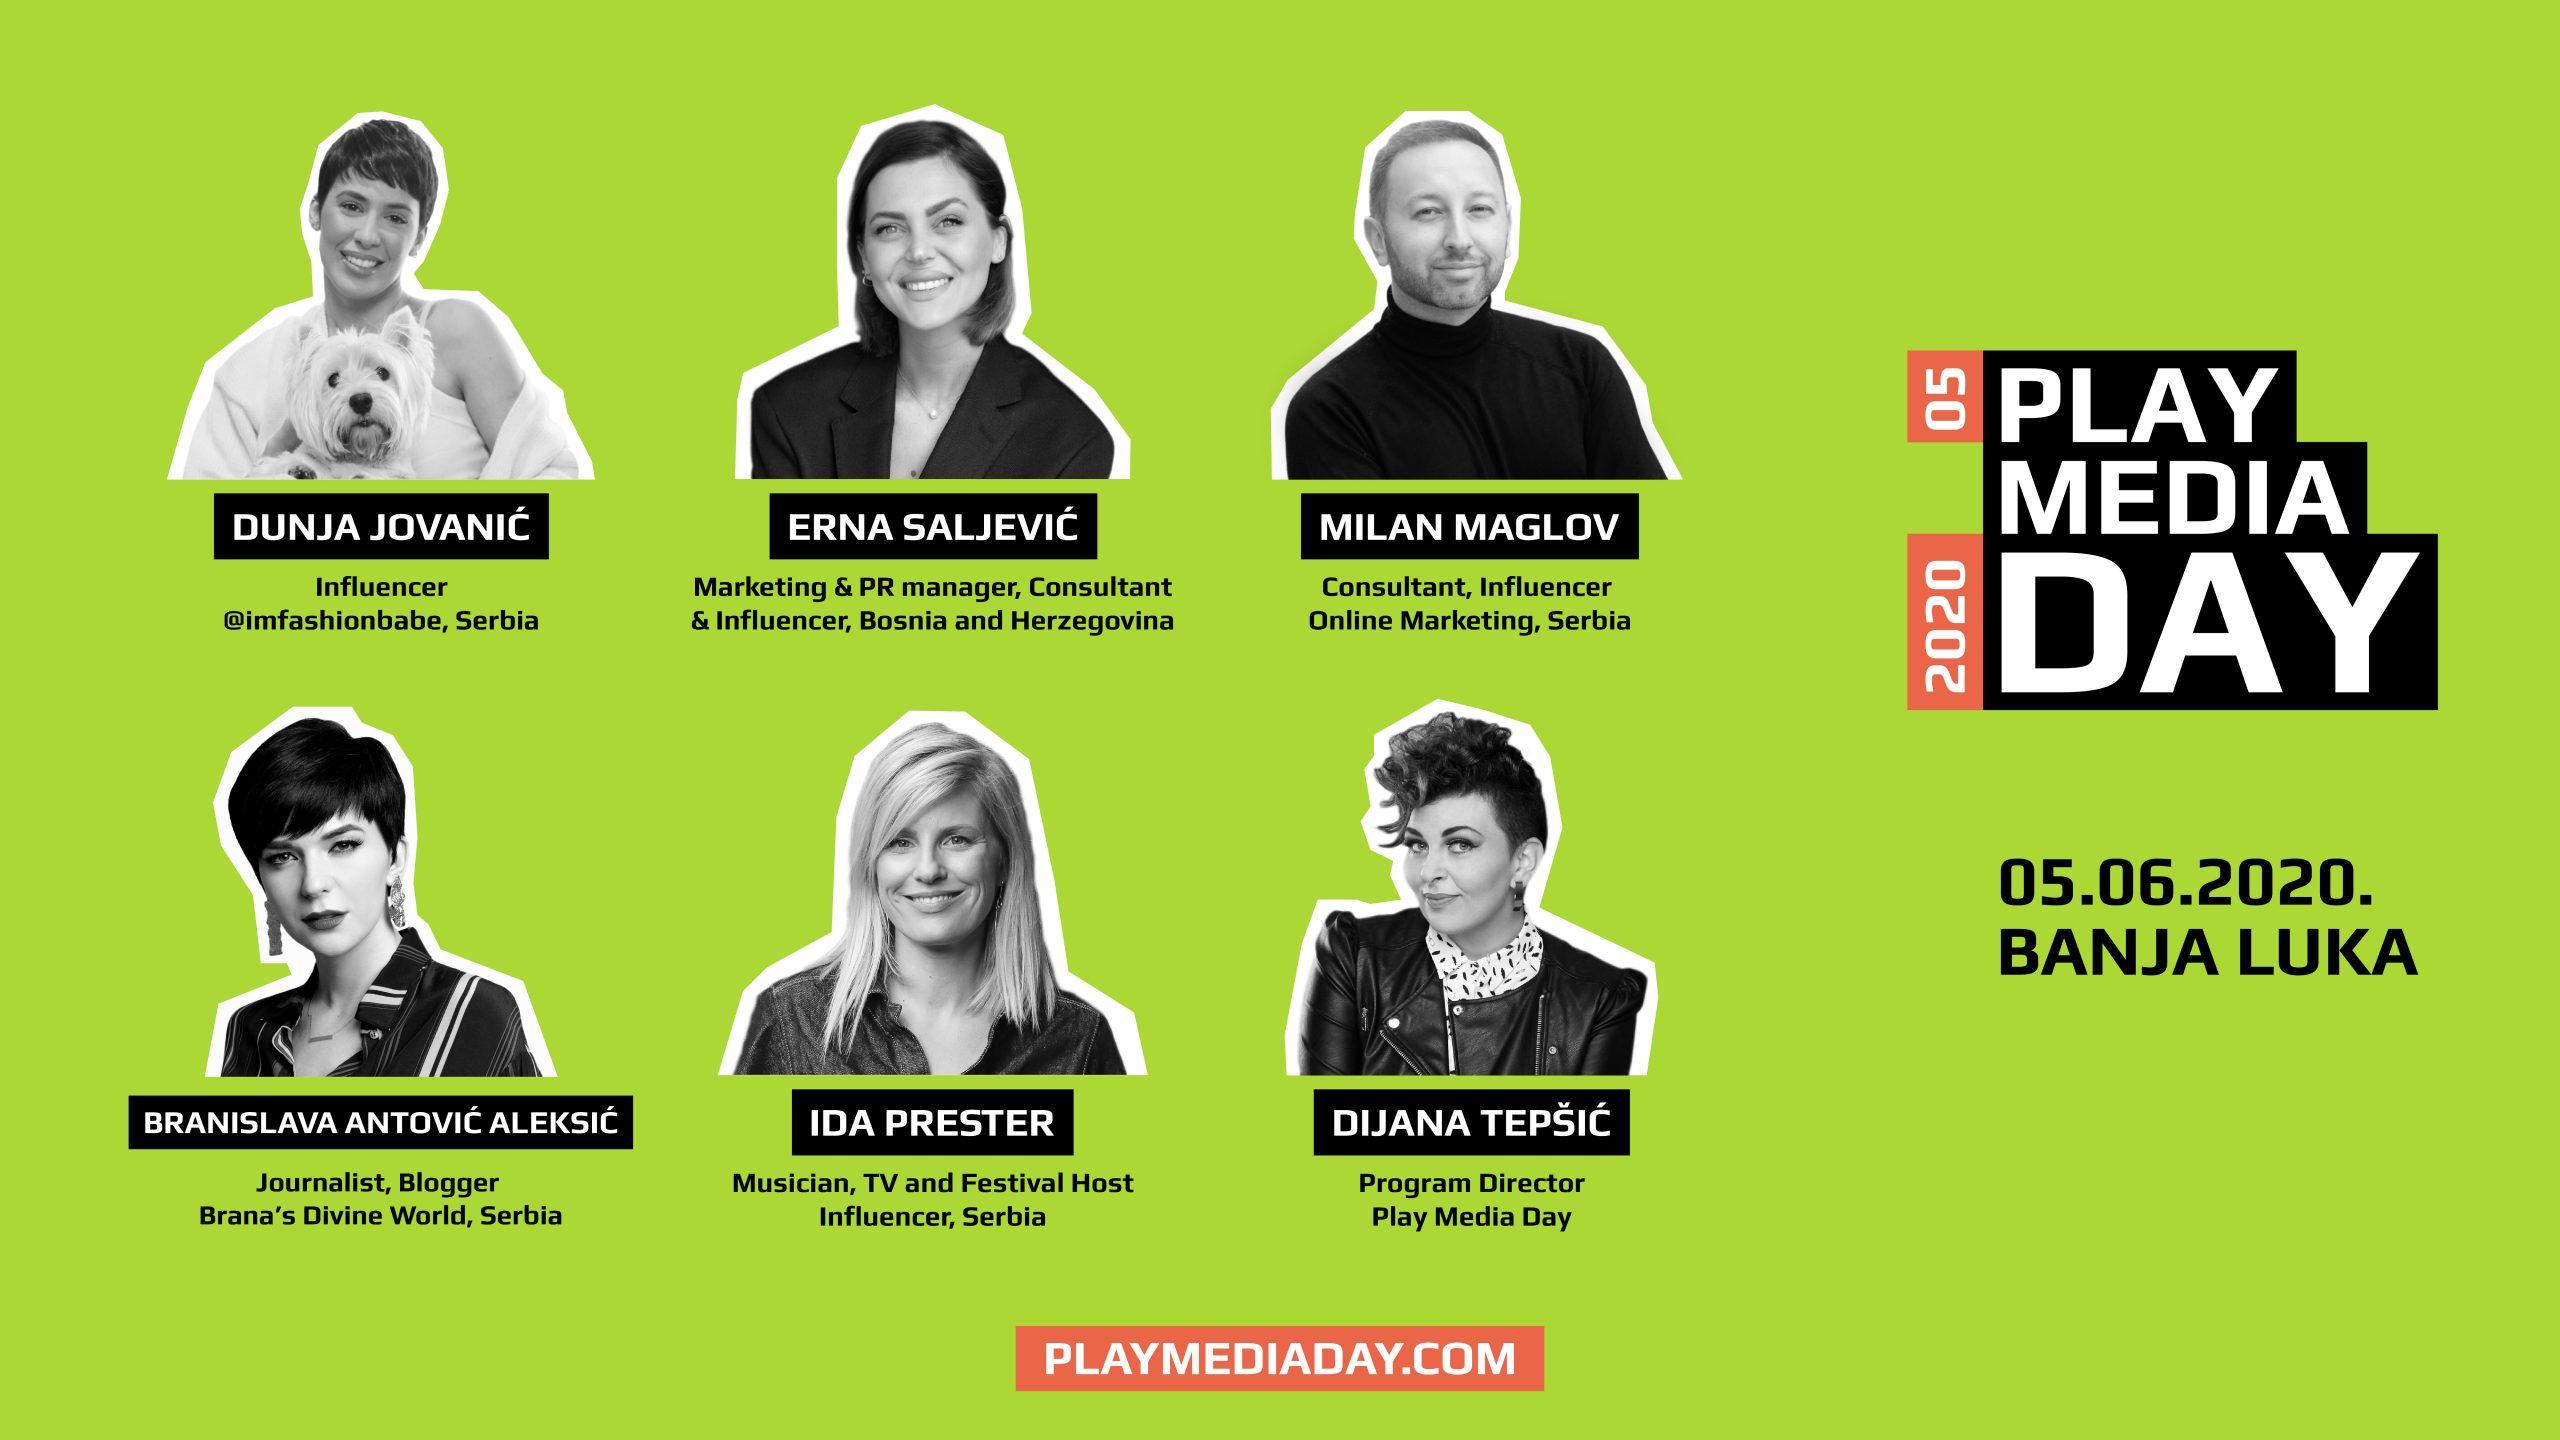 """Play Media Day panel """"Influenser marketing u vrijeme globalne krize"""" okupio Dunju Jovanić, Idu Prester, Ernu Saljević, Branislavu Antović i Milana Maglova"""